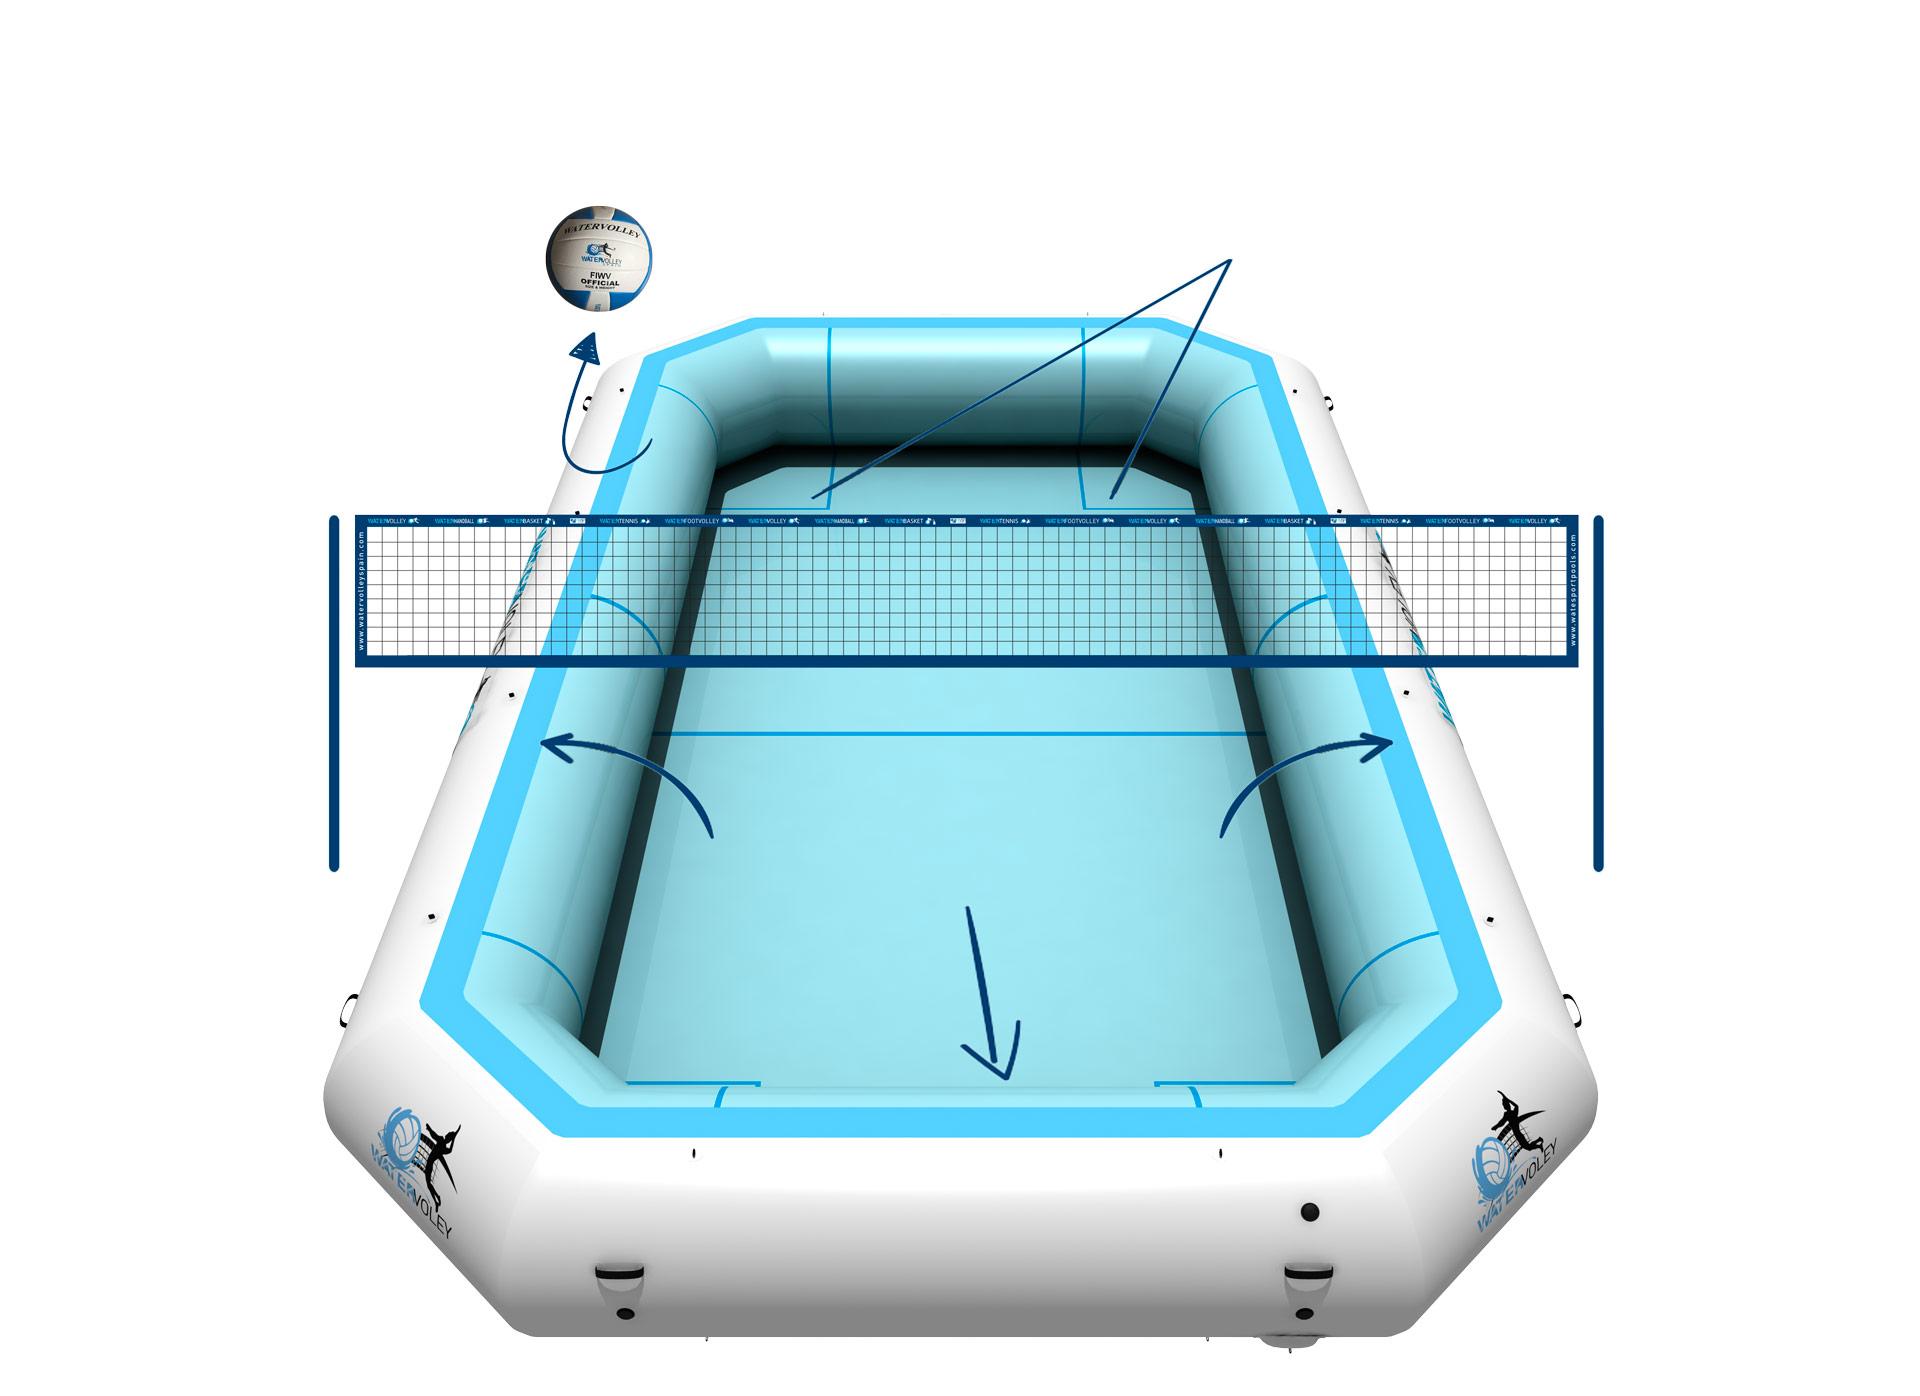 reglas, peculiaridades y caracteristicas del watervollwy